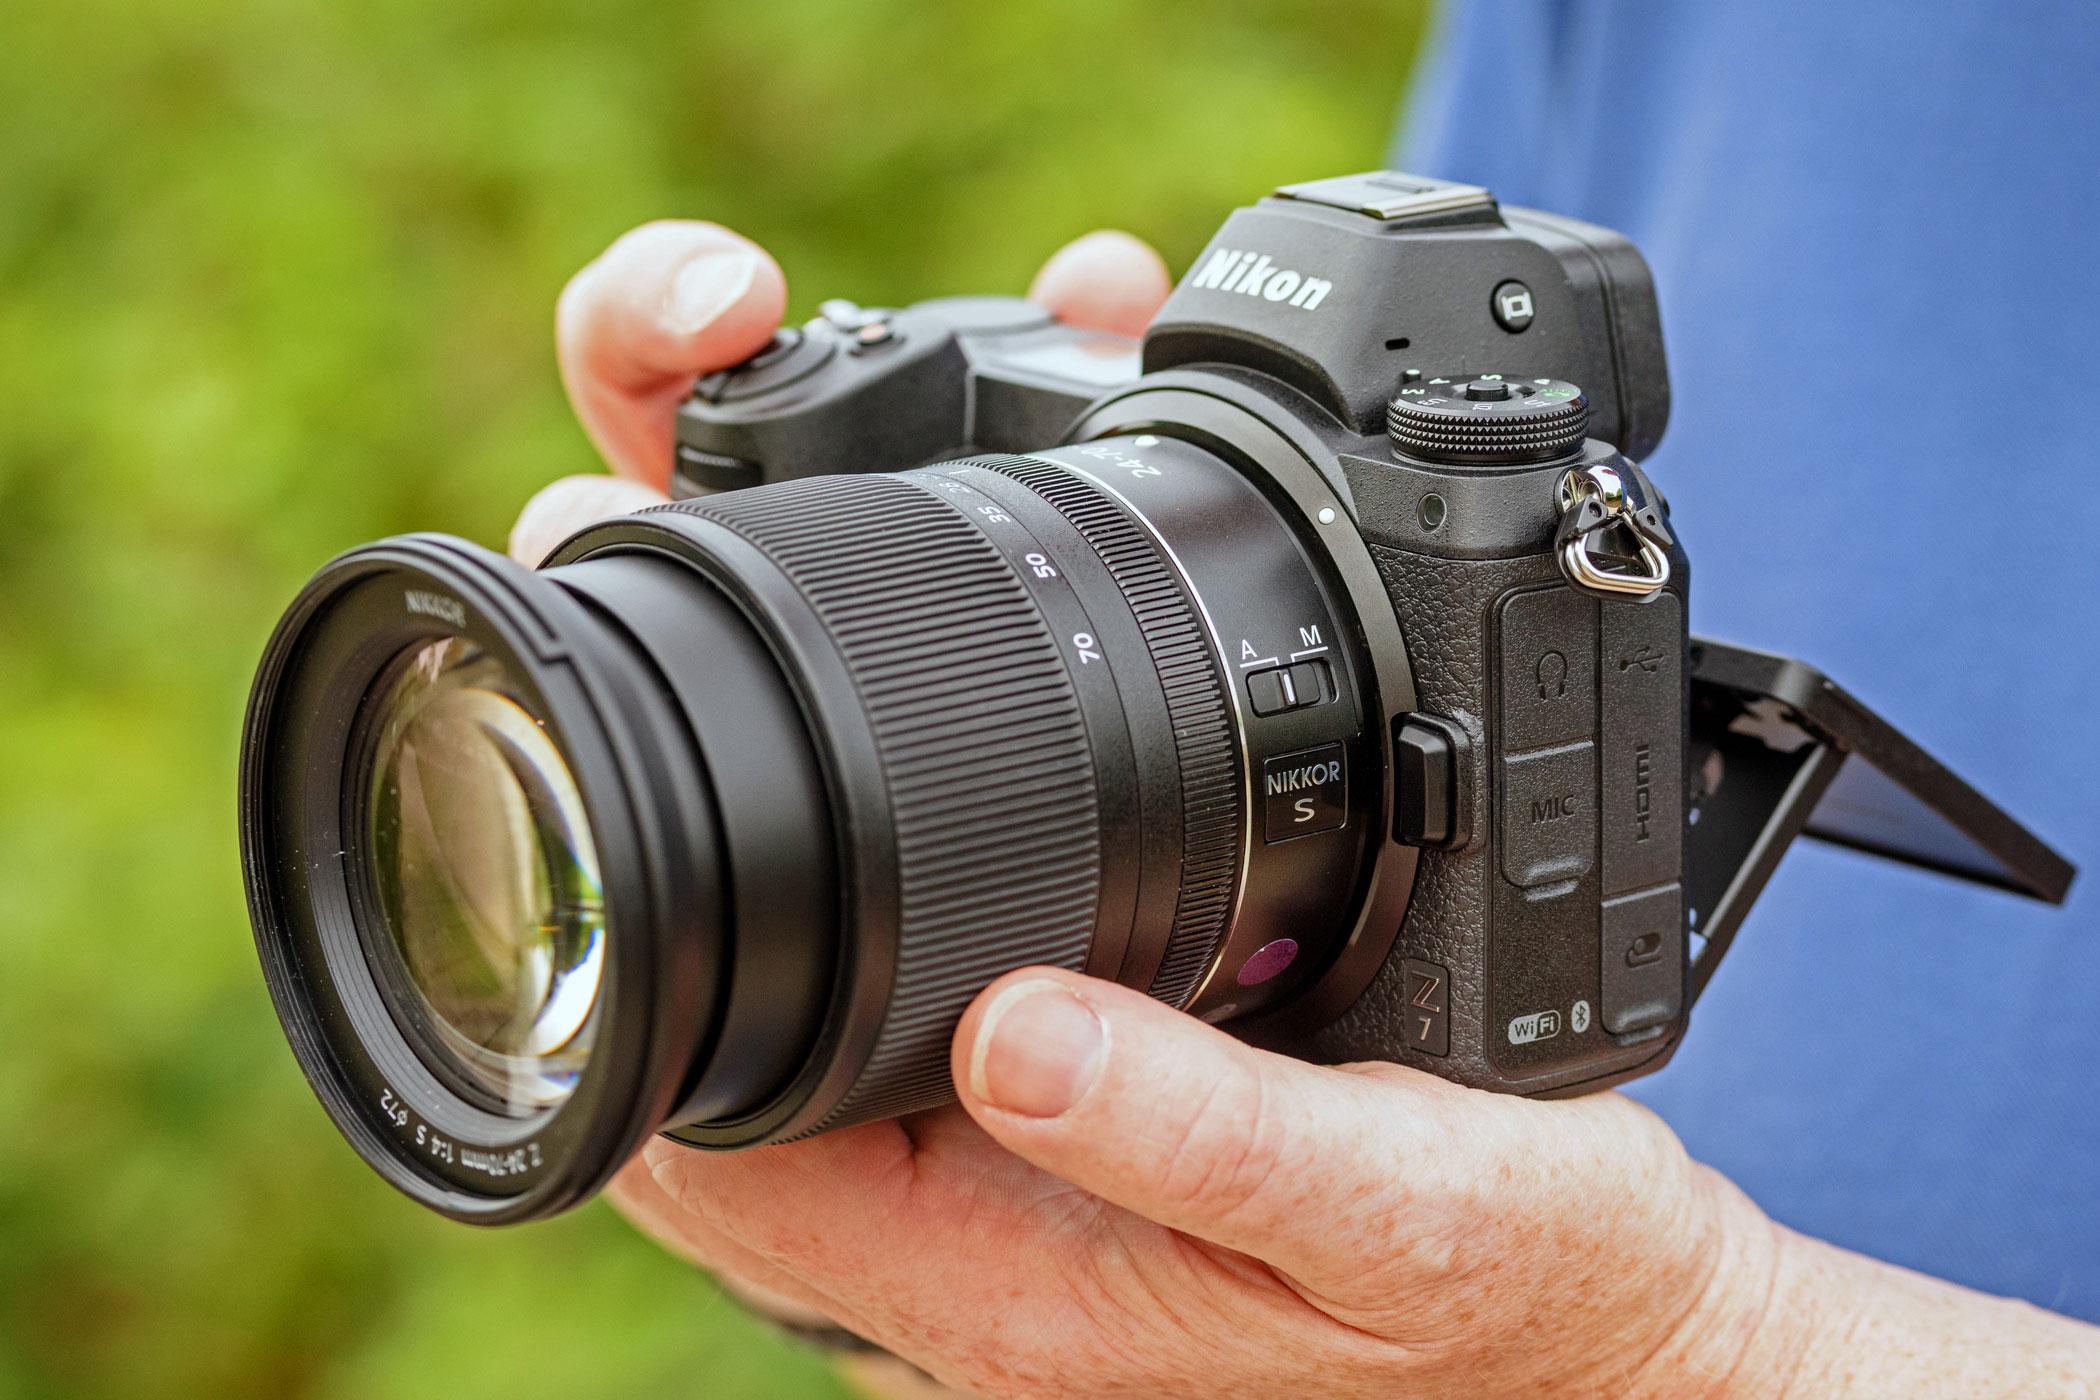 Nikon Z7 review - Page 8 of 9 - Amateur Photographer